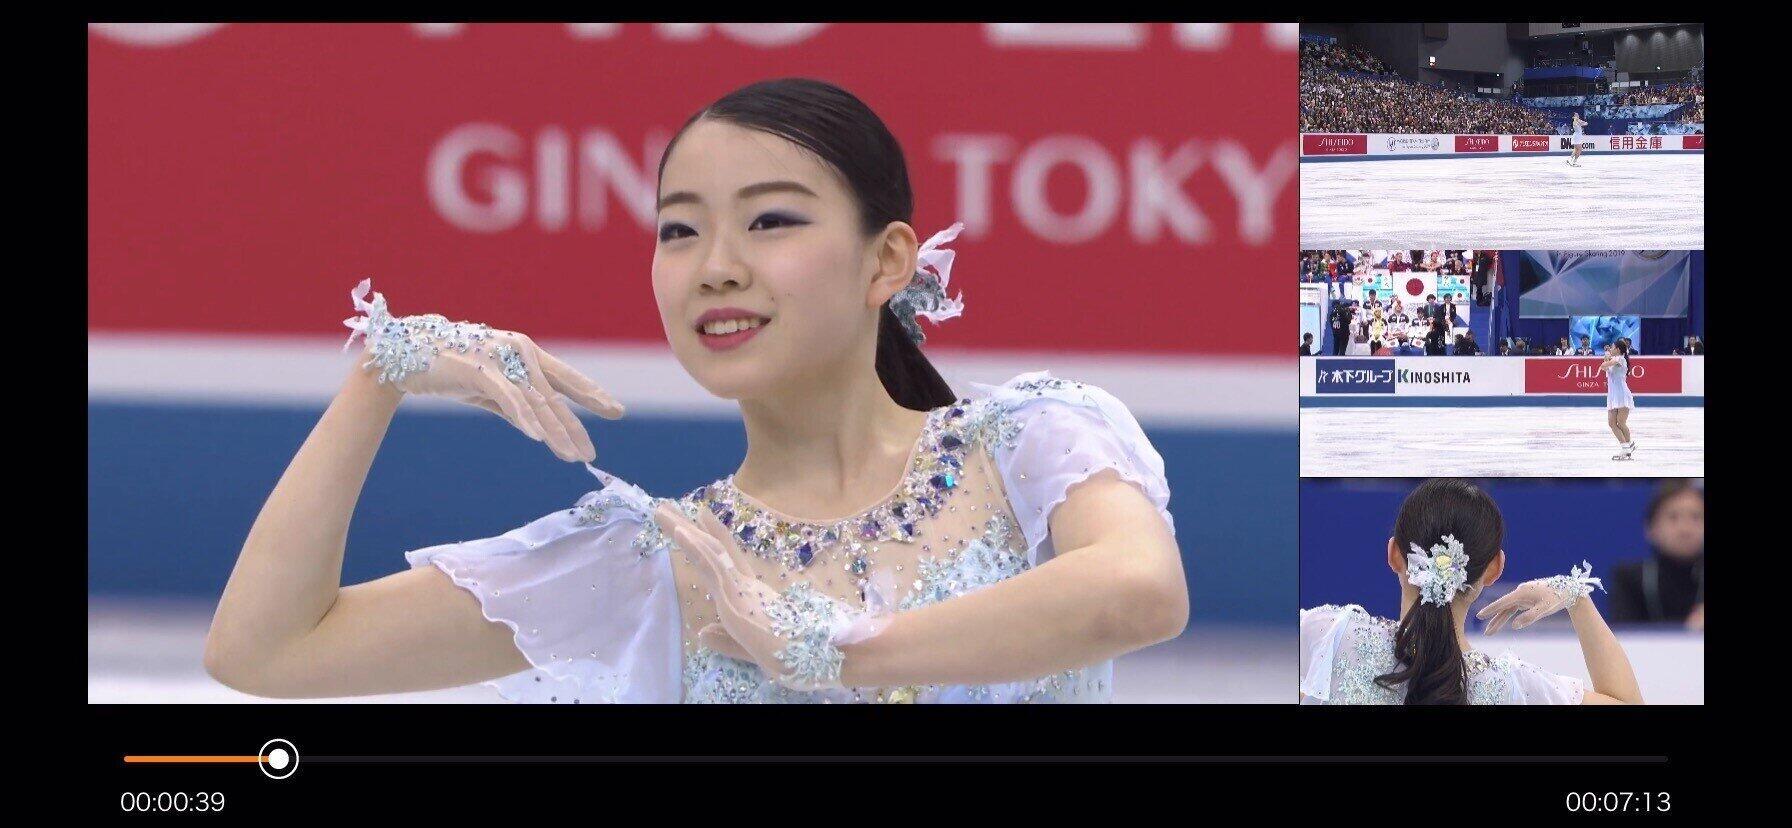 フィギュアスケートを「マルチアングル映像」で 「auスマートパスプレミアム」独占配信